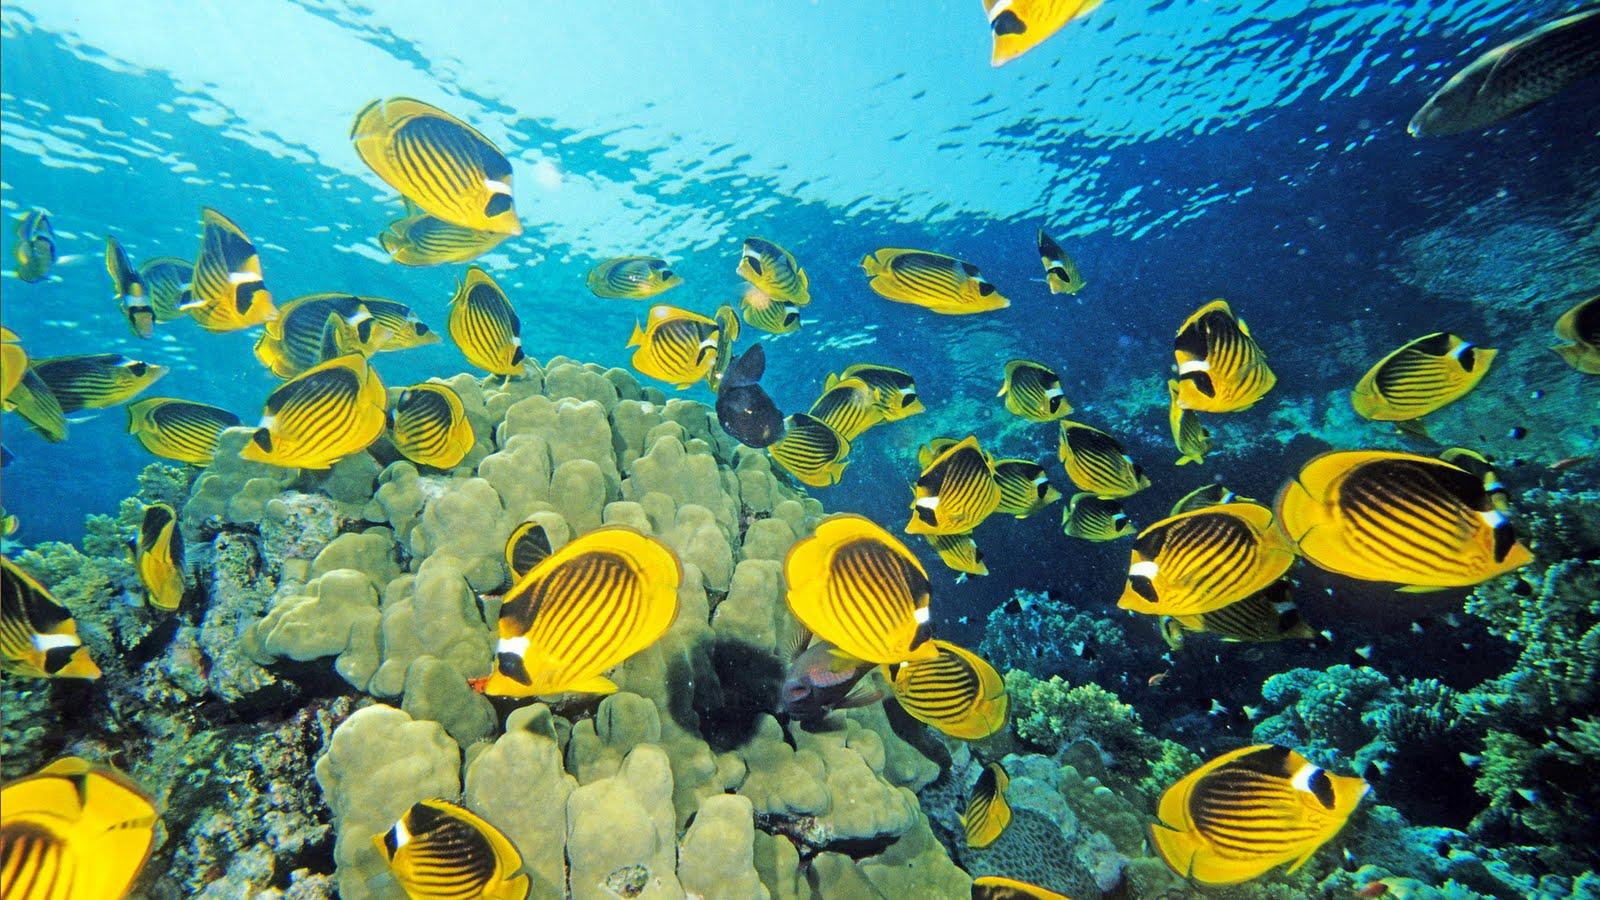 Banco de im genes para ver disfrutar y compartir - Fotos fondo del mar ...